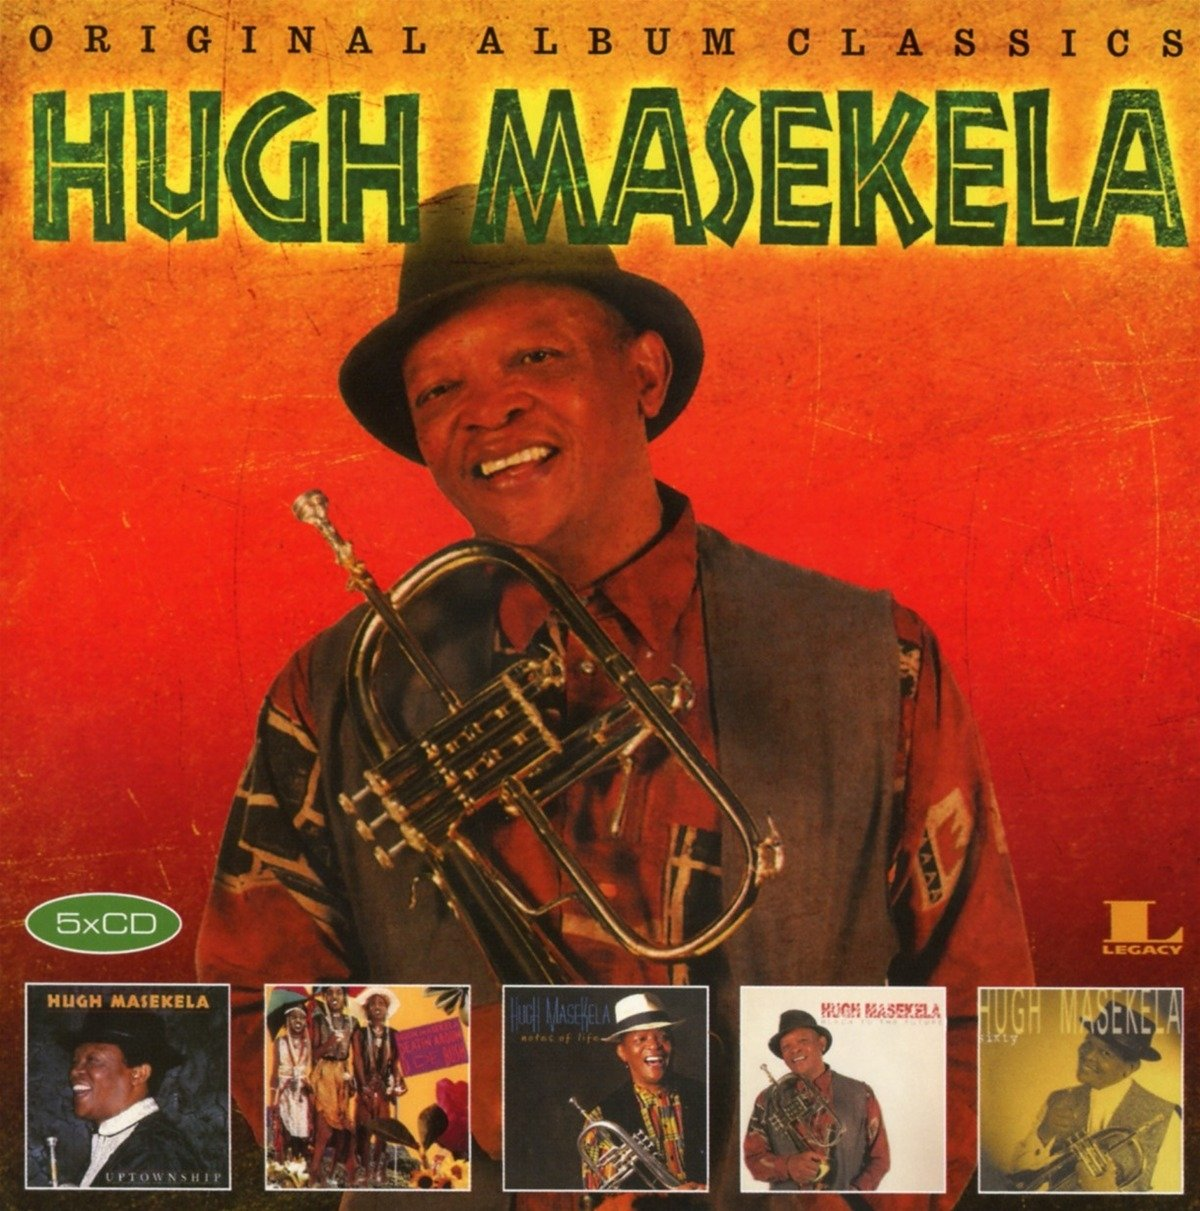 Hugh Masekela - Original Album Classics (Holland - Import, 5PC)